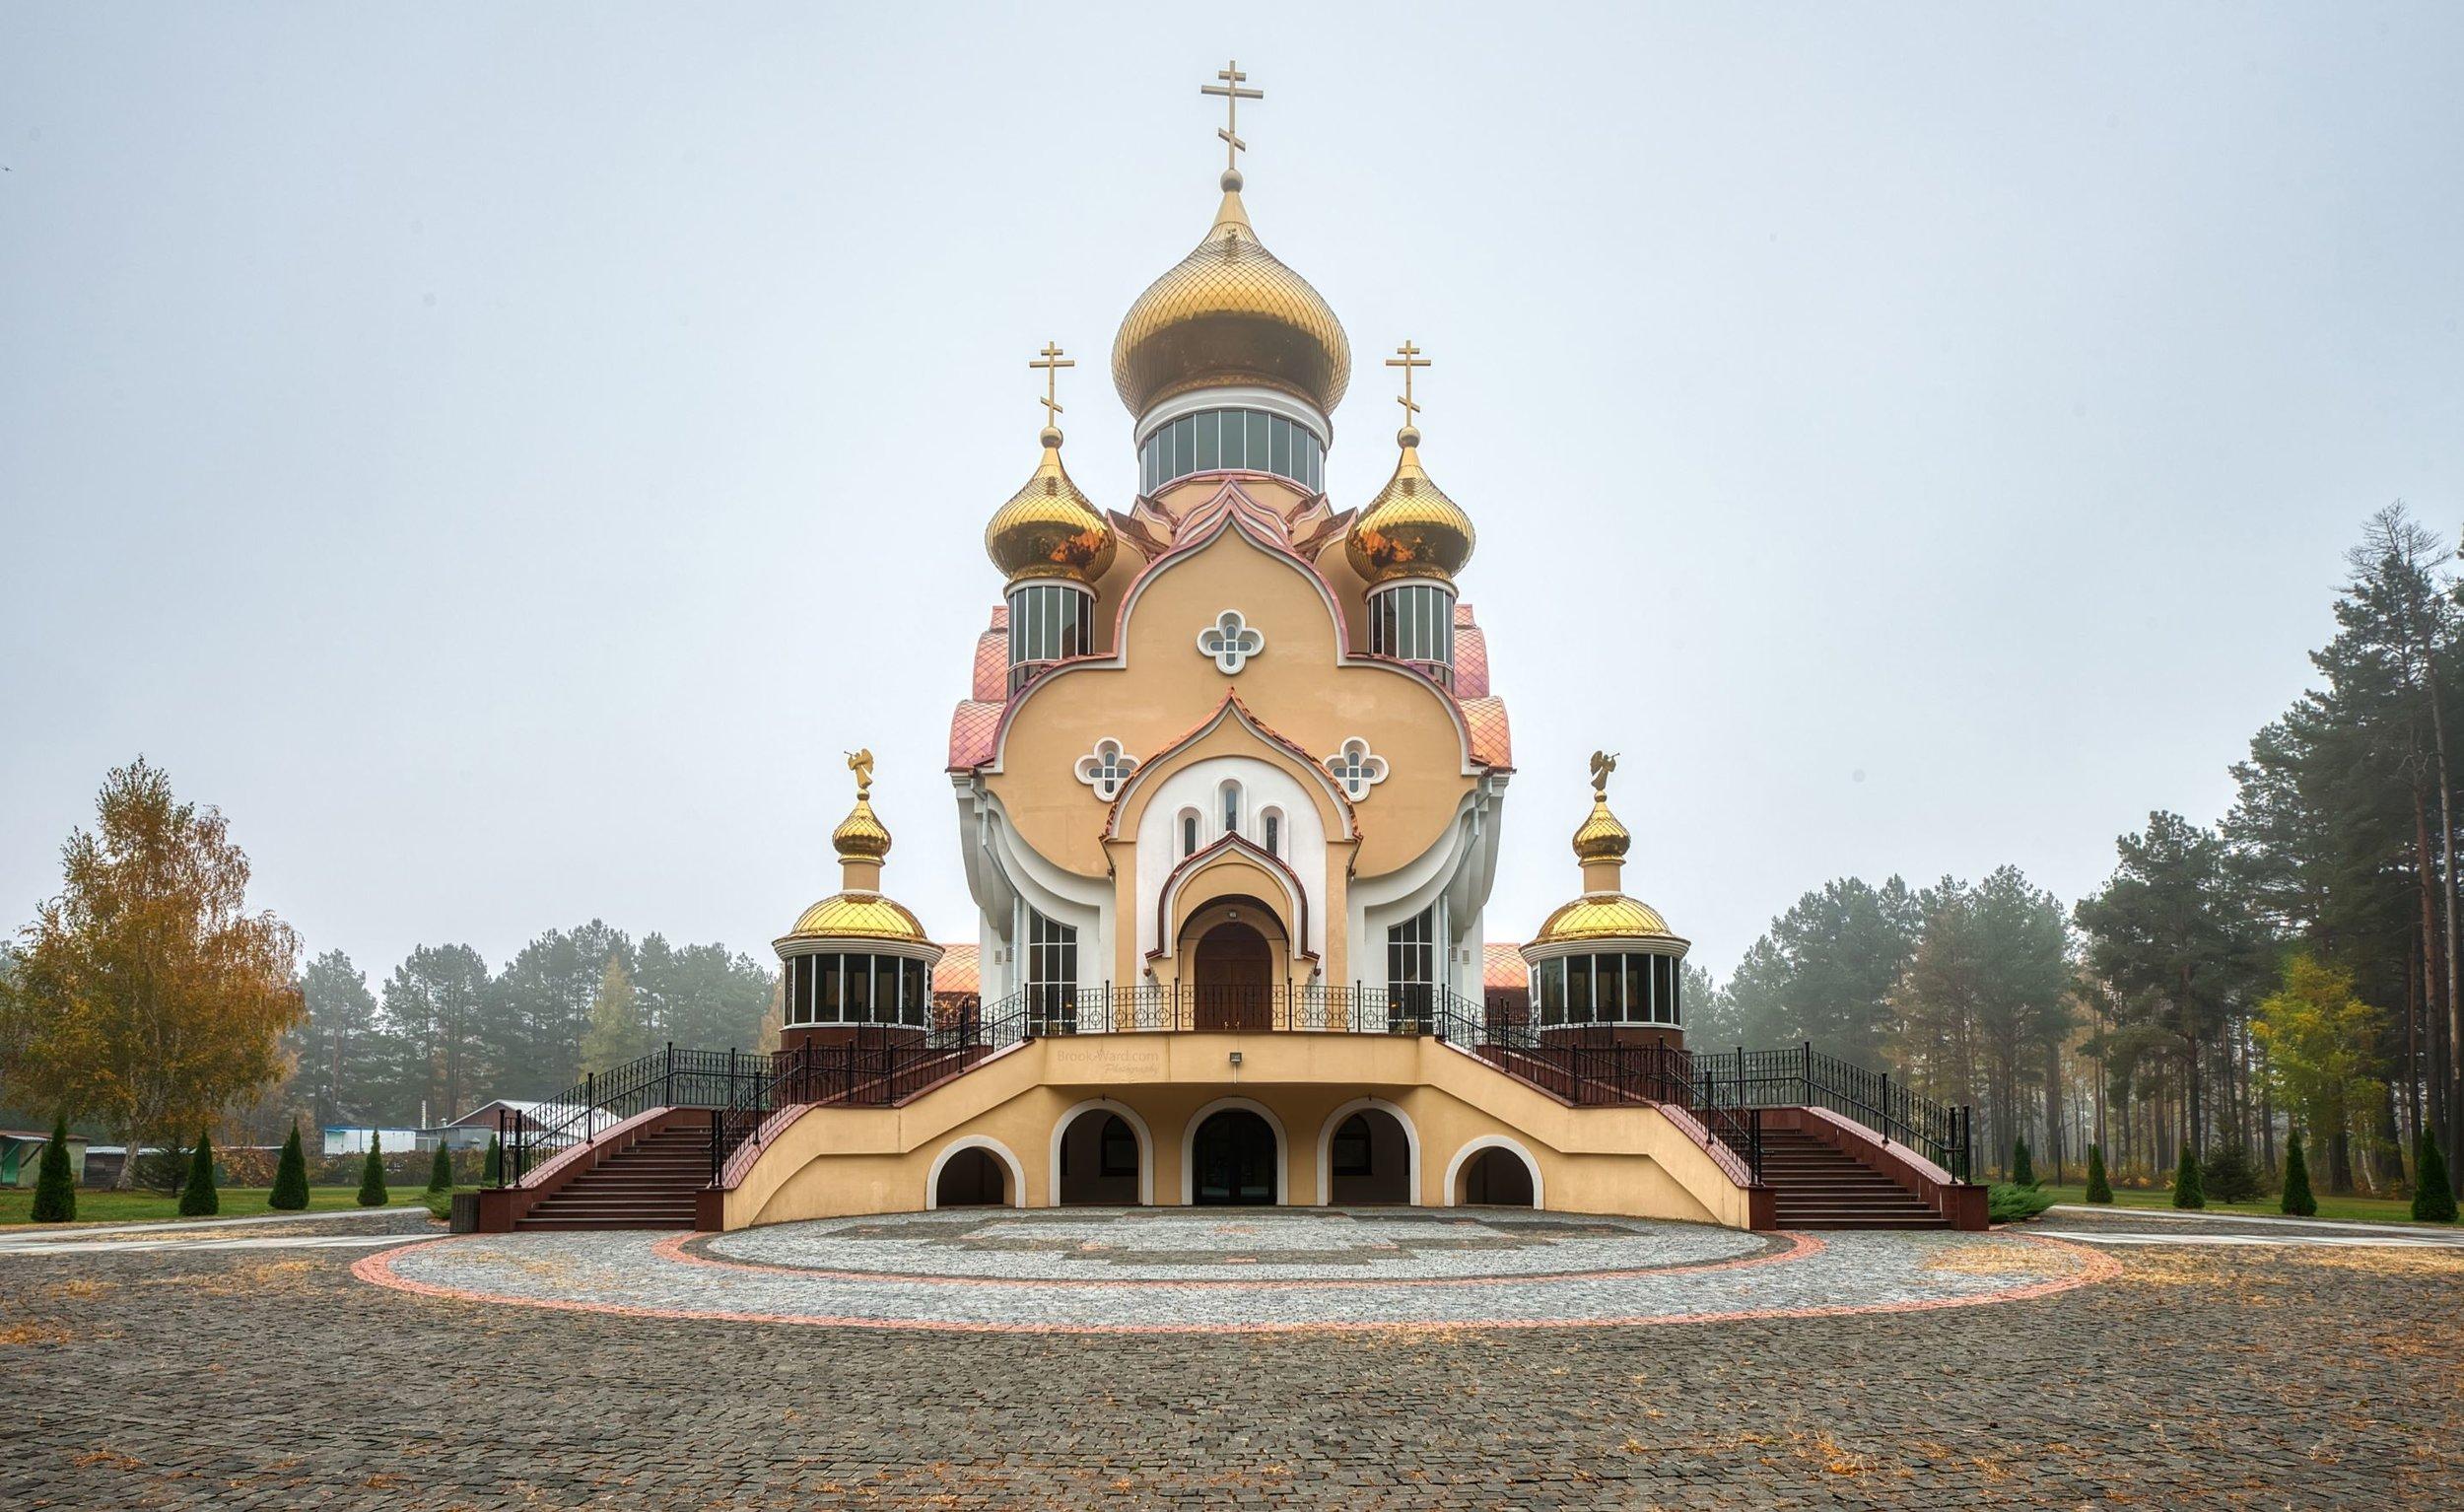 Church of St. Elias Ukrainian Orthodox - Slavutych